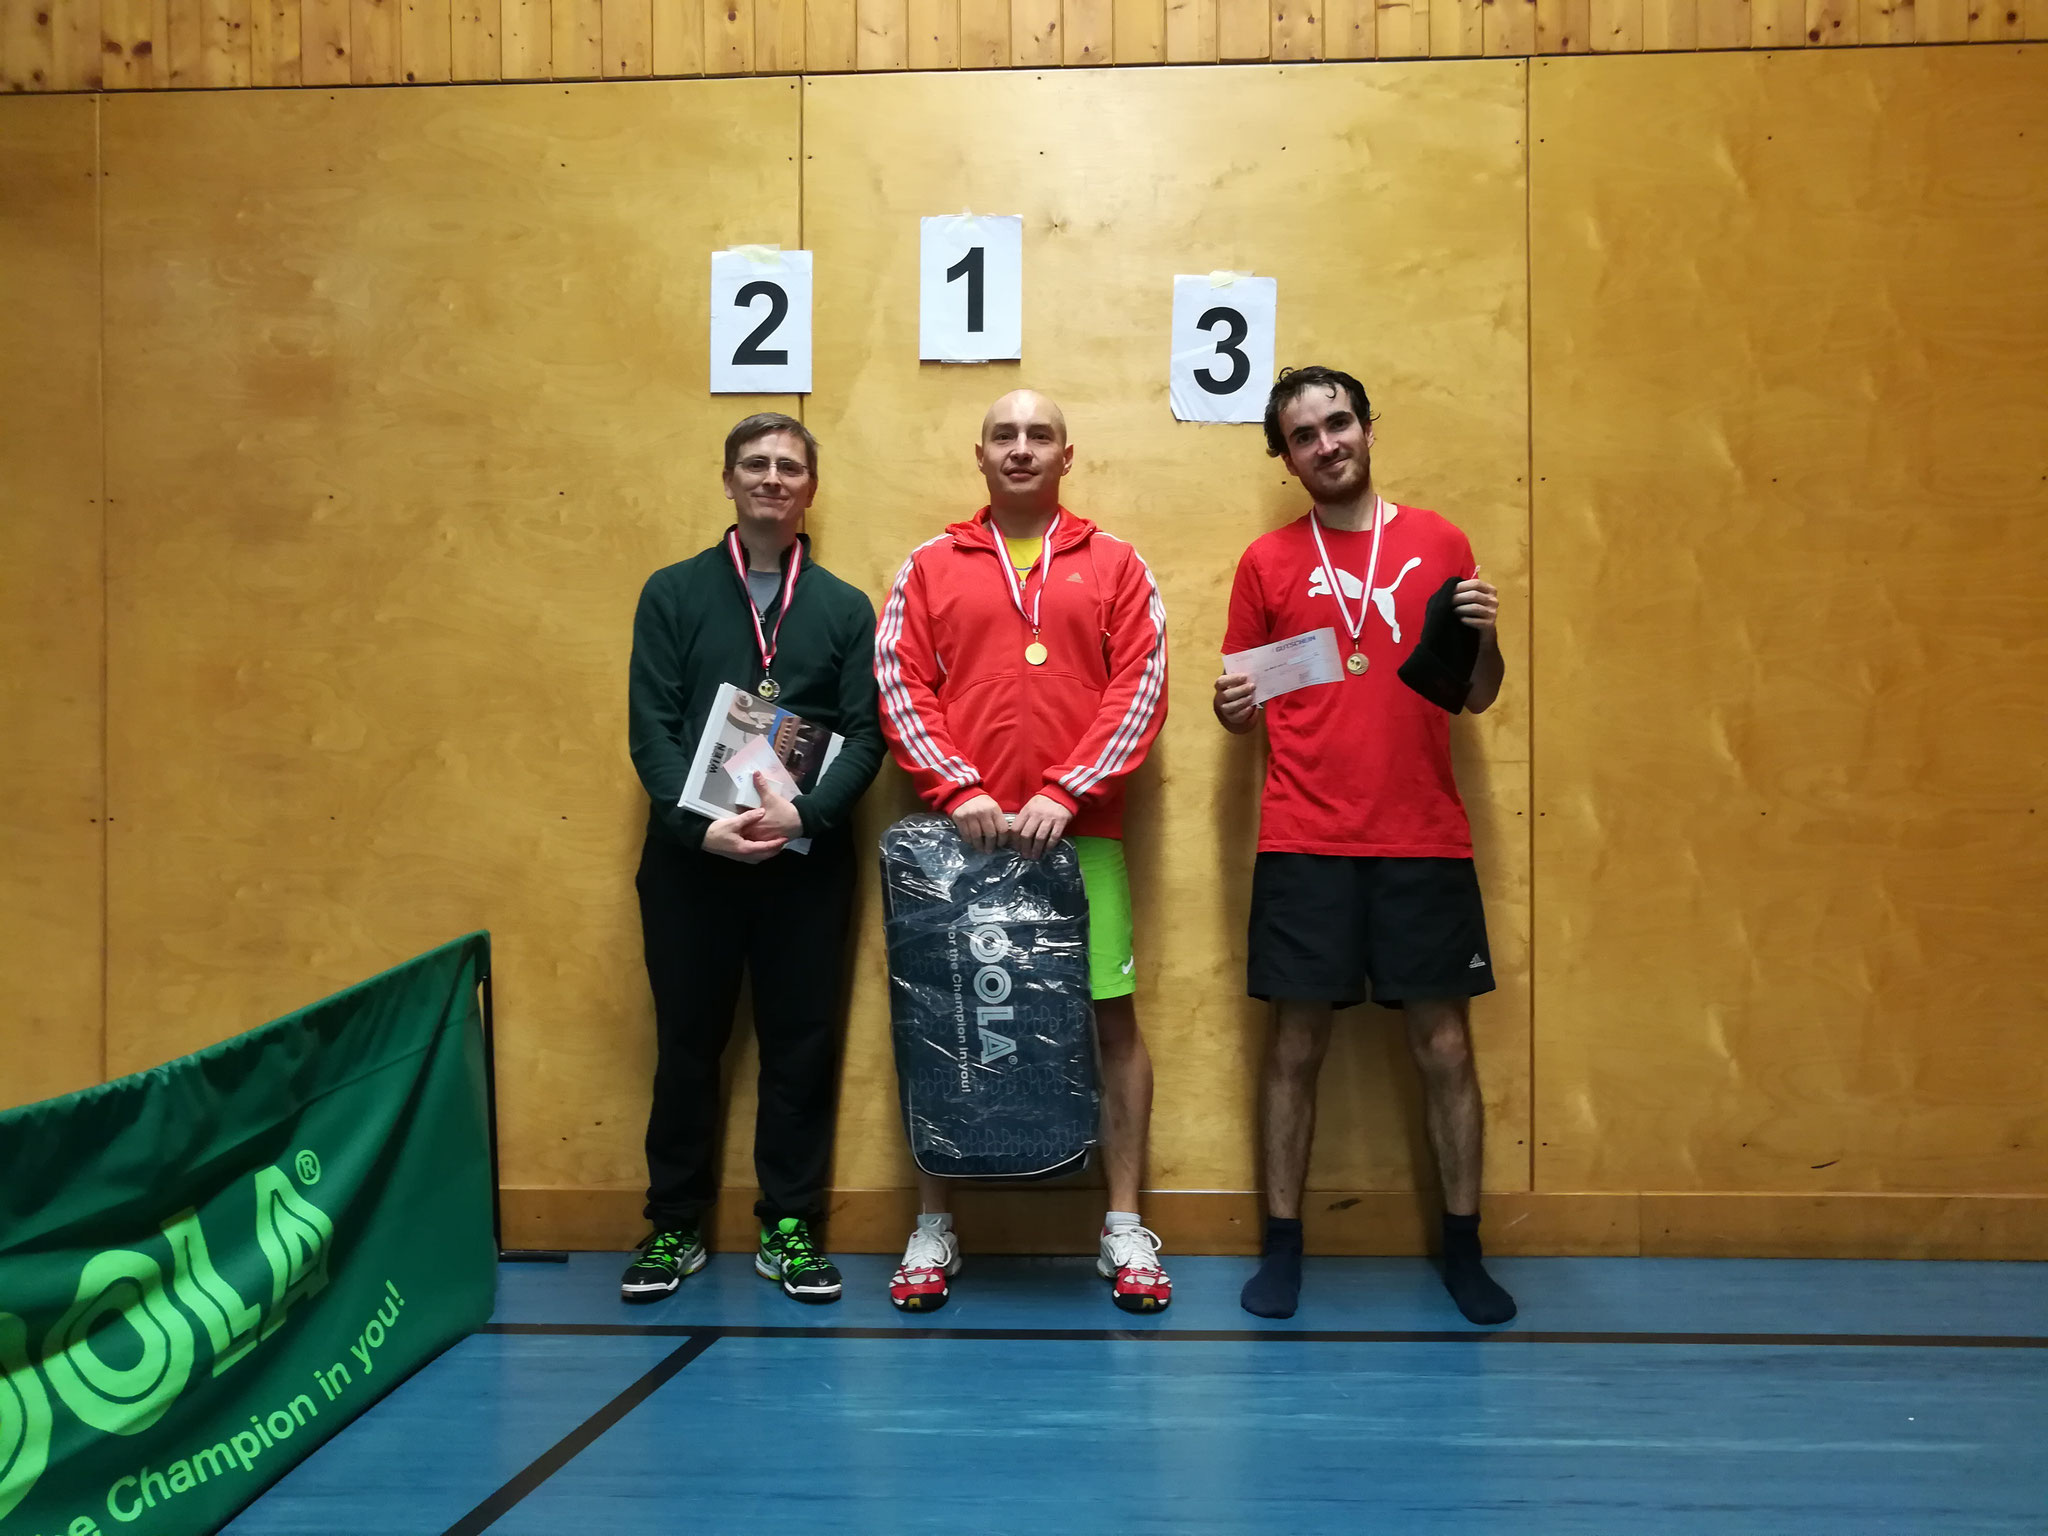 Gesamtsieger Bewerb A: v.l.n.r. Dietmar Deimbacher (SGOT) (Platz 2), Marcin Gibala (WPAE) (Sieger), Johannes Schwaiger (OLY) (Platz 3)